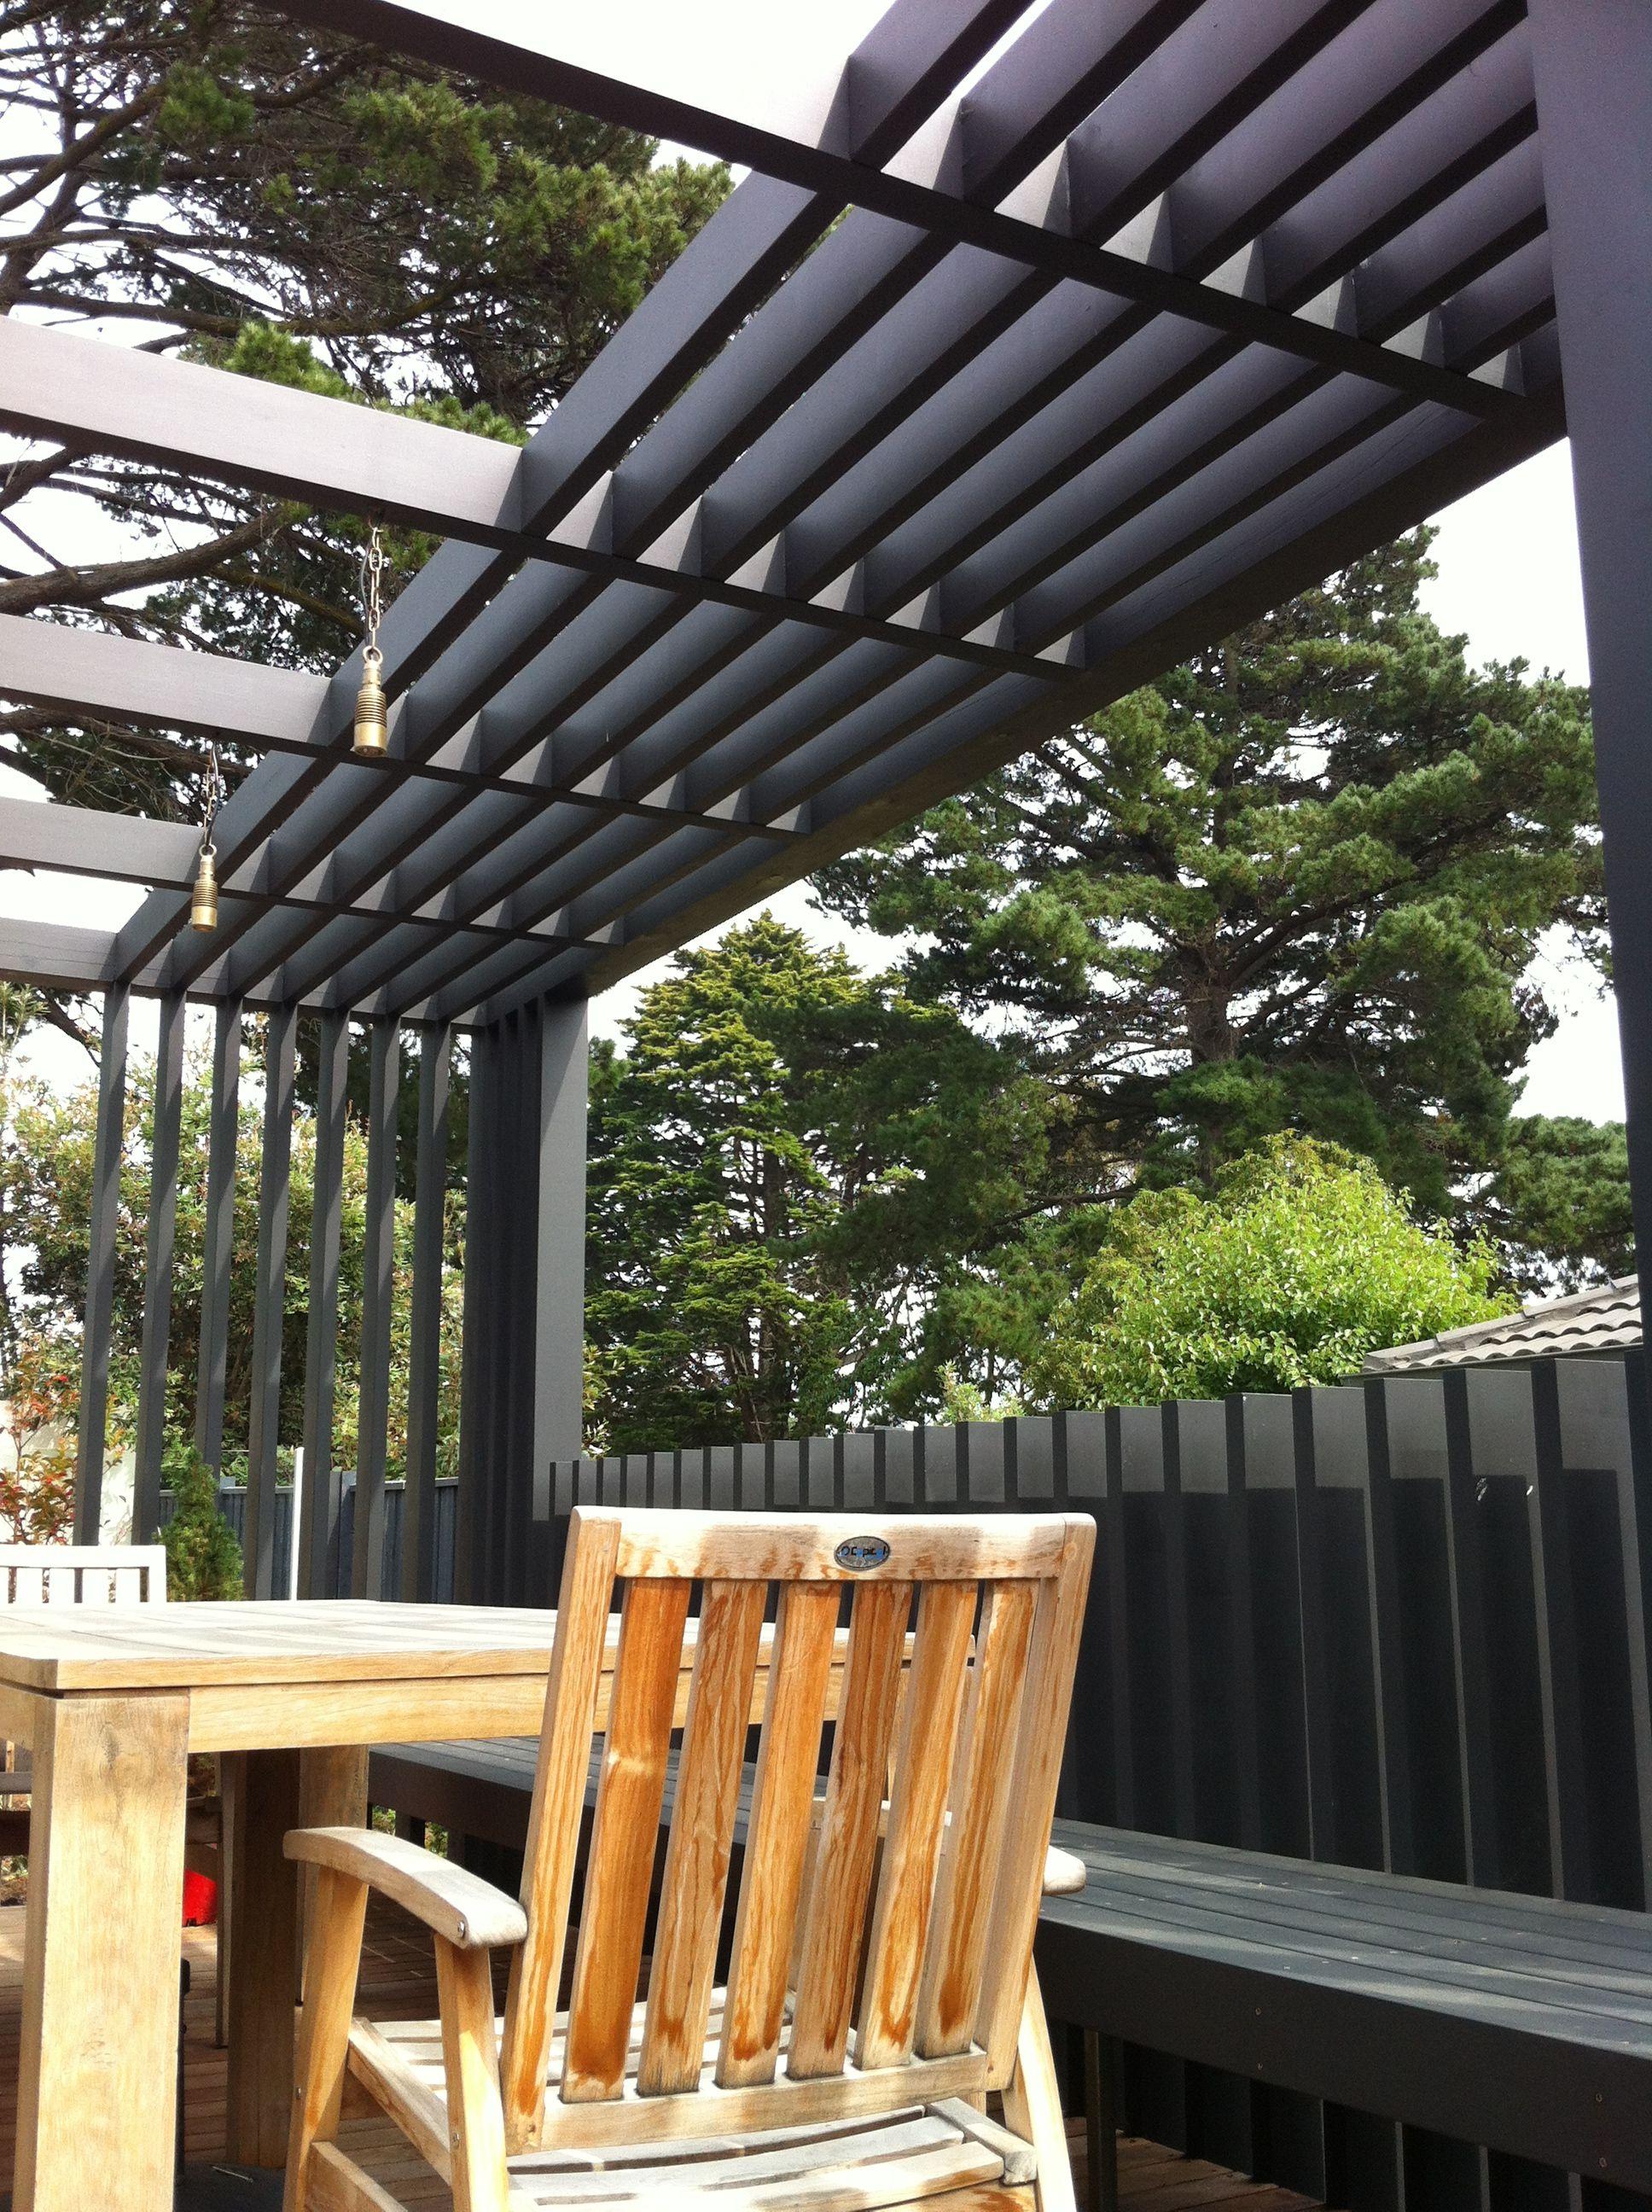 Pergola pergola overkapping pinterest tuin terras en voor het huis - Bedekking voor pergola ...